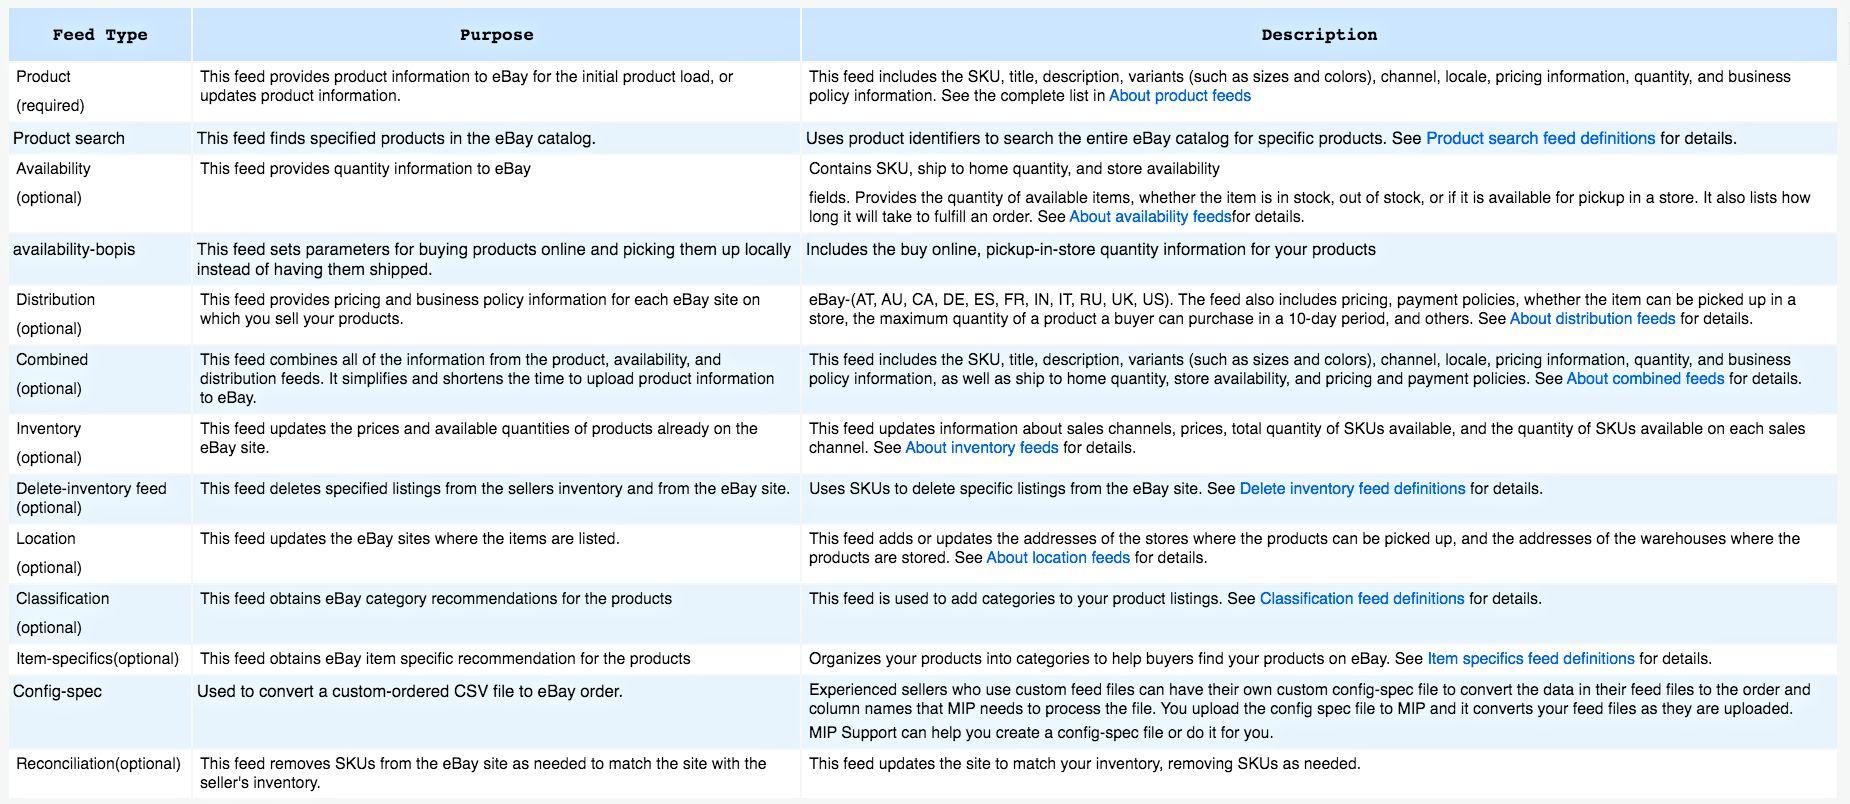 eBay feed types